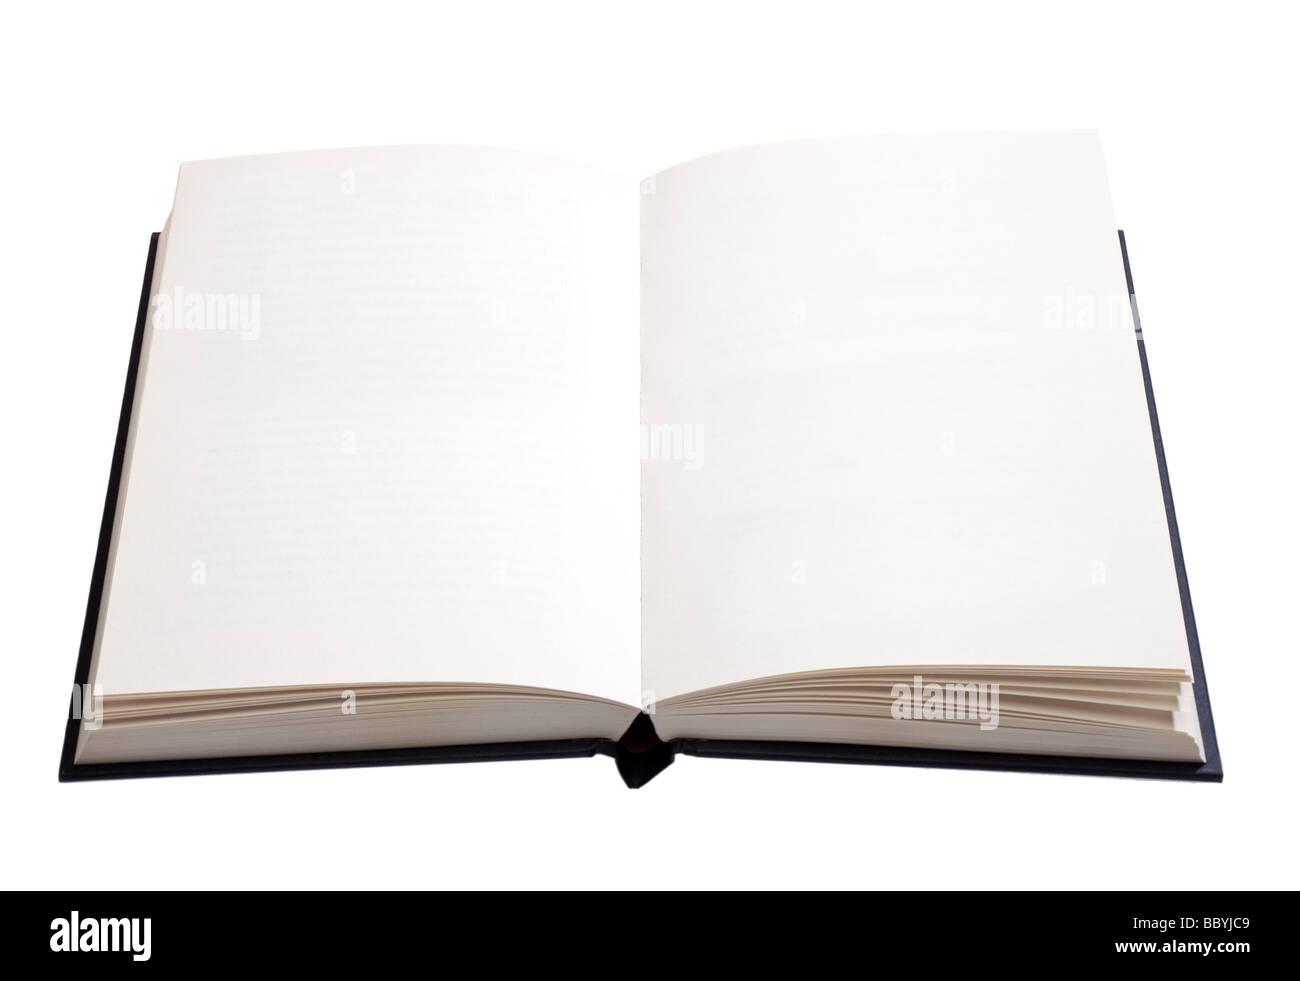 Libro Abierto, con páginas en blanco blanco - Cortar Imagen De Stock